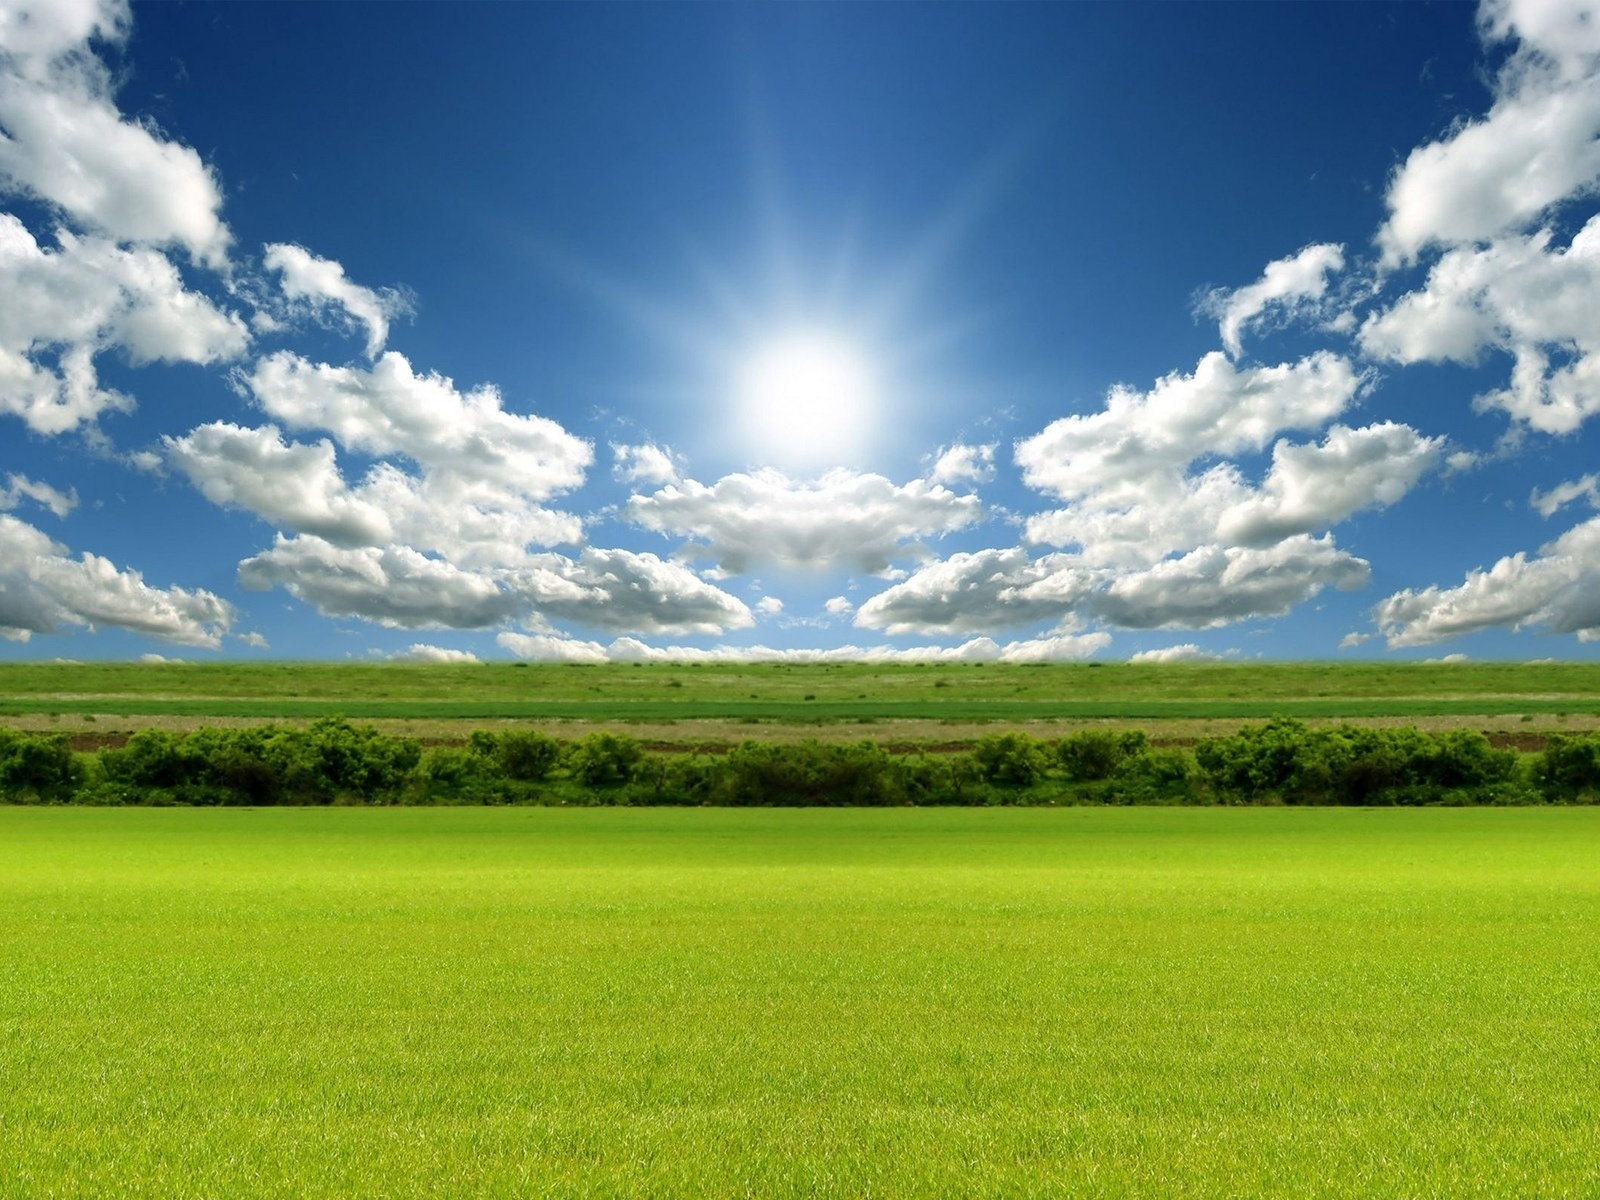 38932 скачать обои Пейзаж, Поля, Облака - заставки и картинки бесплатно